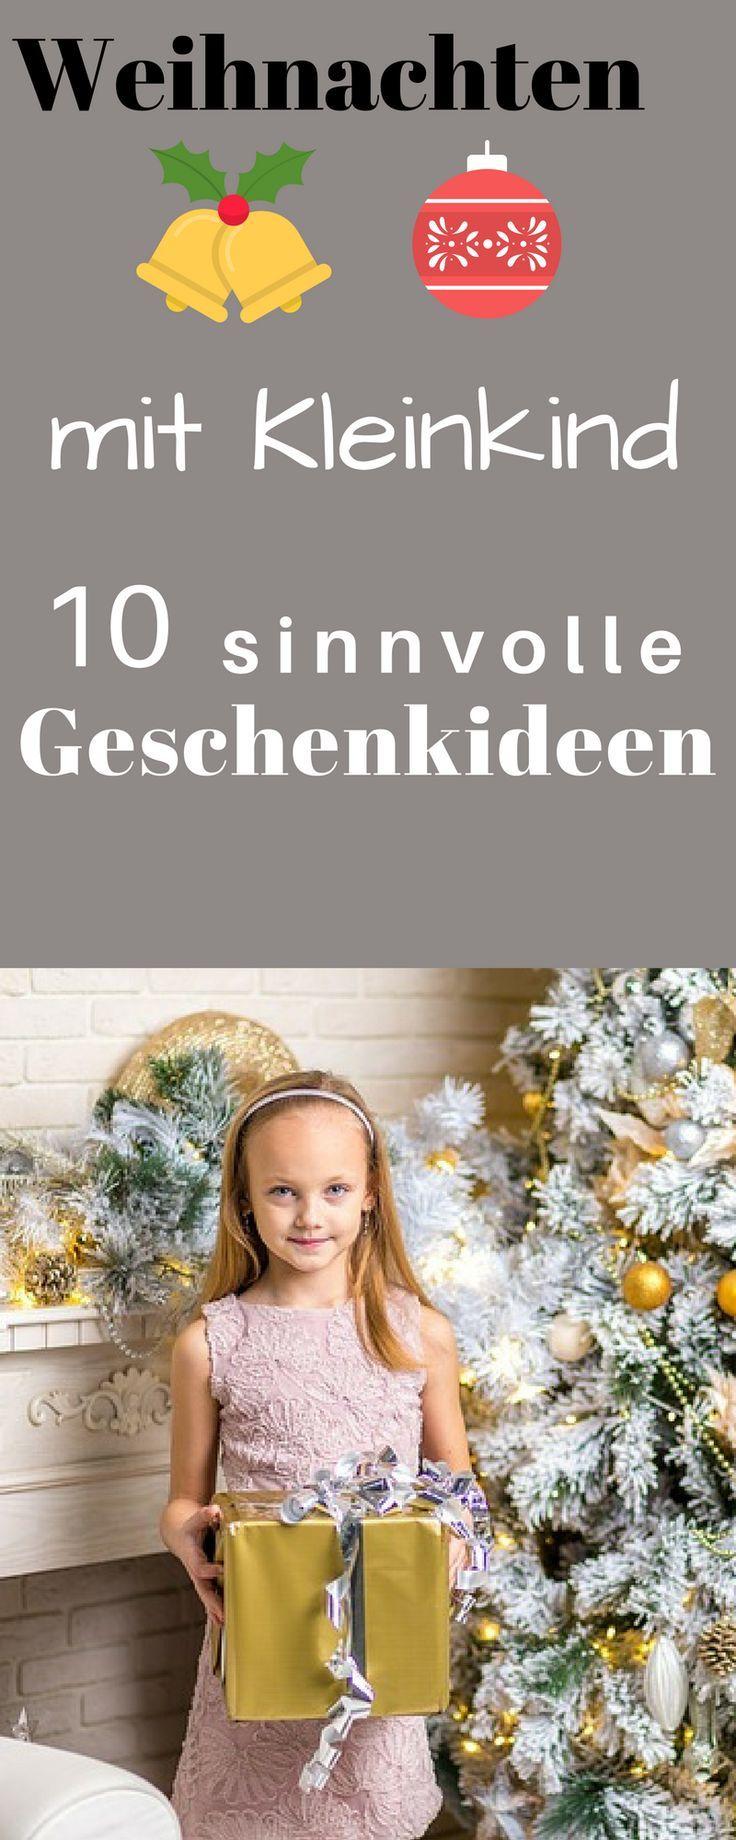 Sinnvolle Weihnachtsgeschenke für Kleinkinder zwischen 1-3 Jahren ...